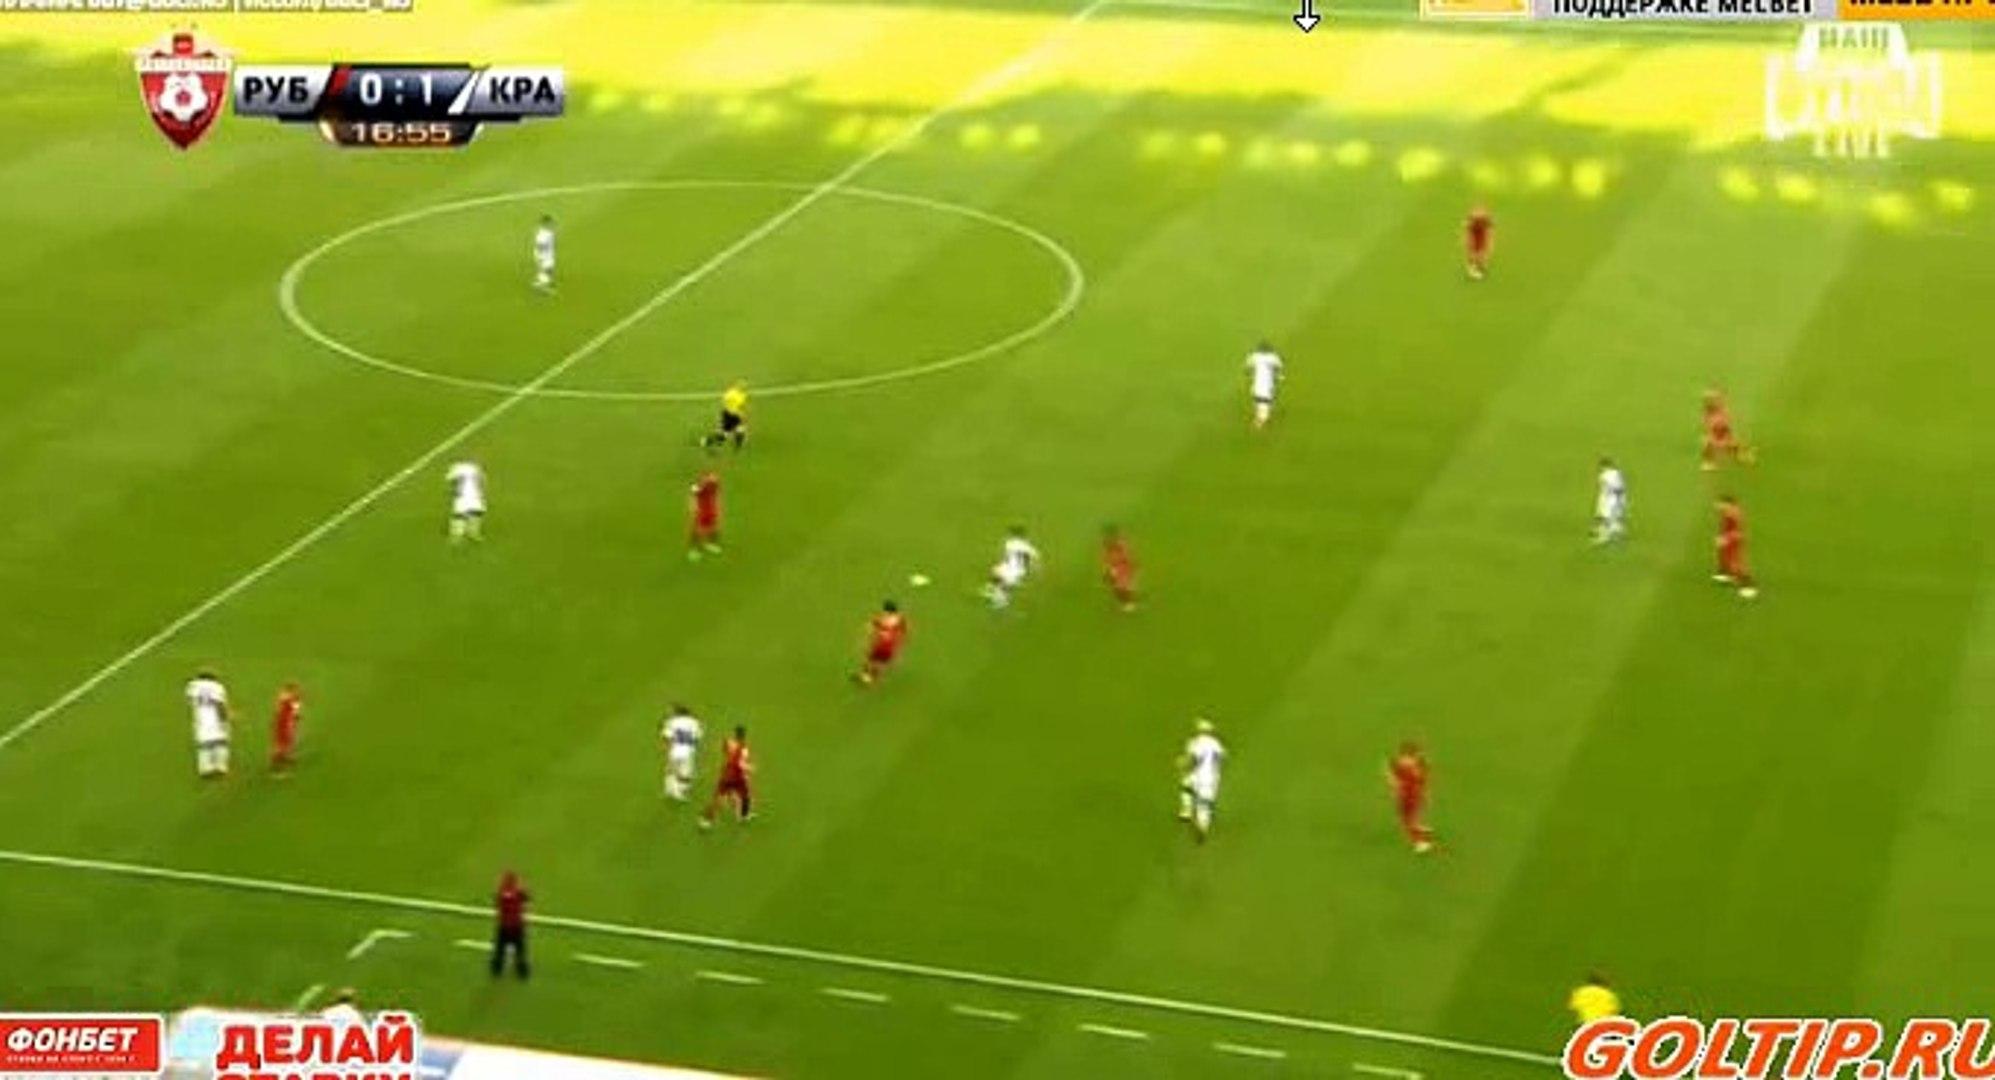 Ricardo Laborde Goal HD - Rubin Kazan 0-1 Krasnodar 16 07 2017